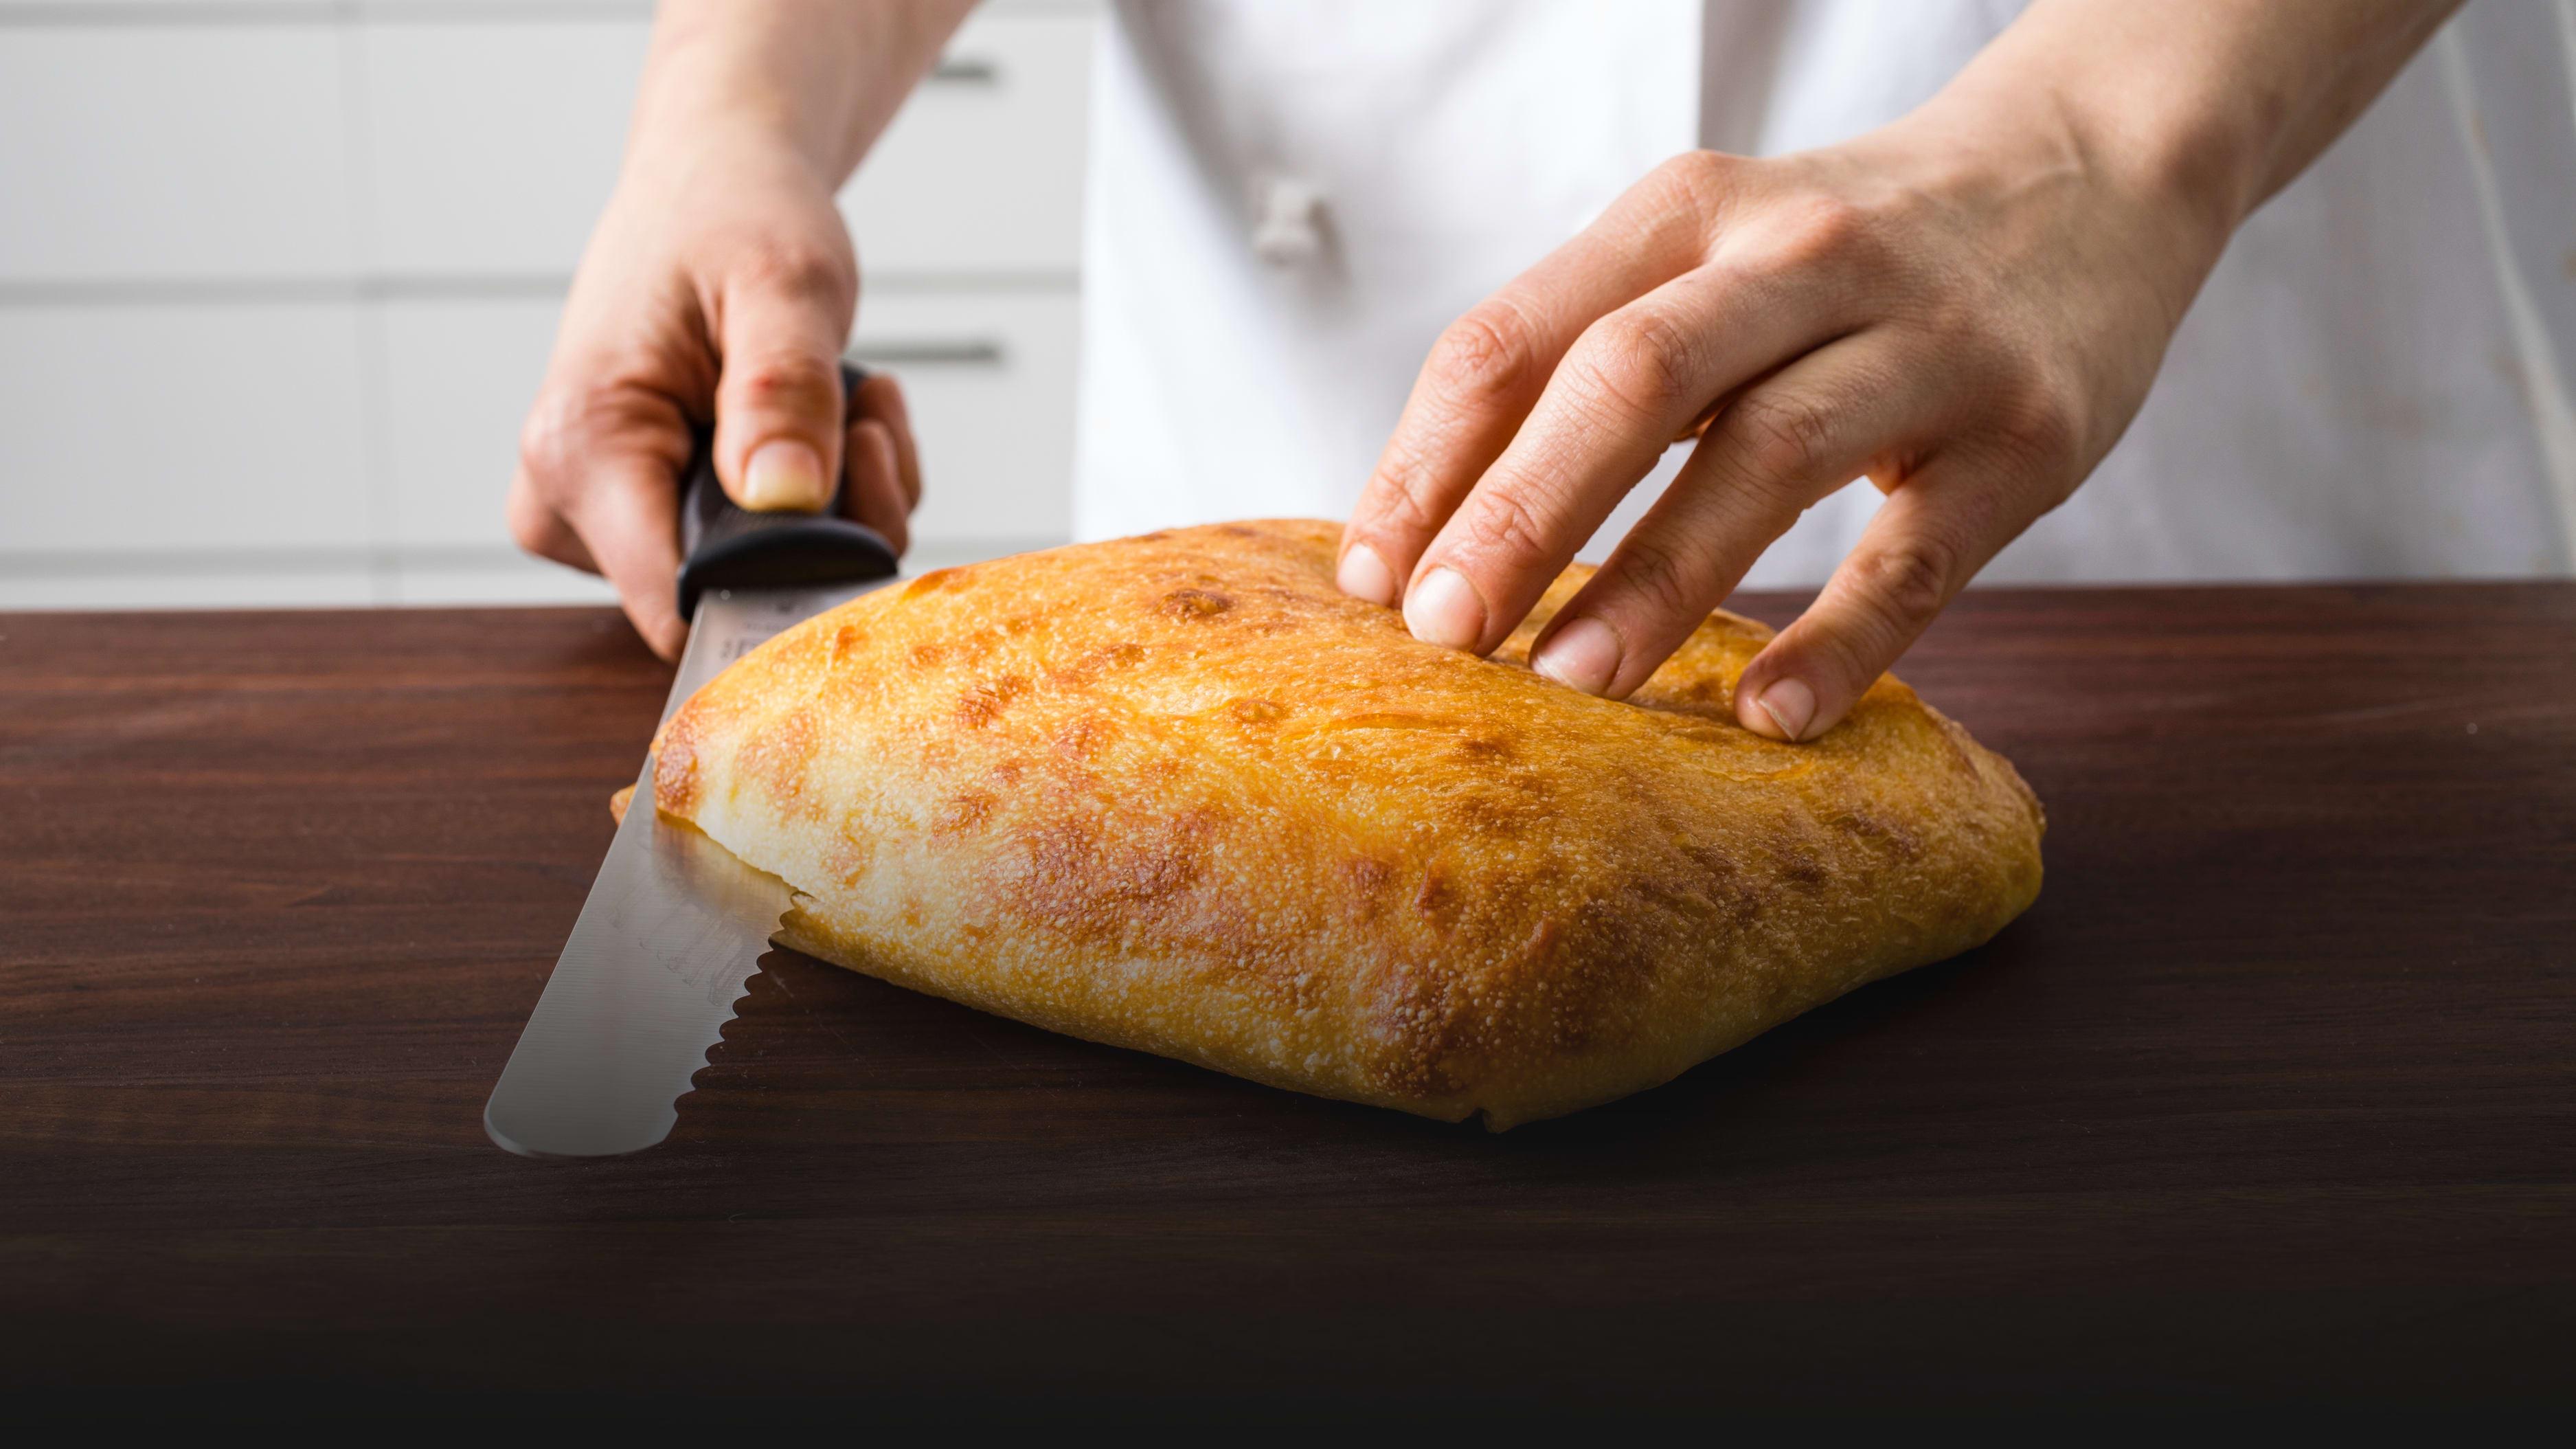 Pizza Dough Makes Super Sandwich Bread